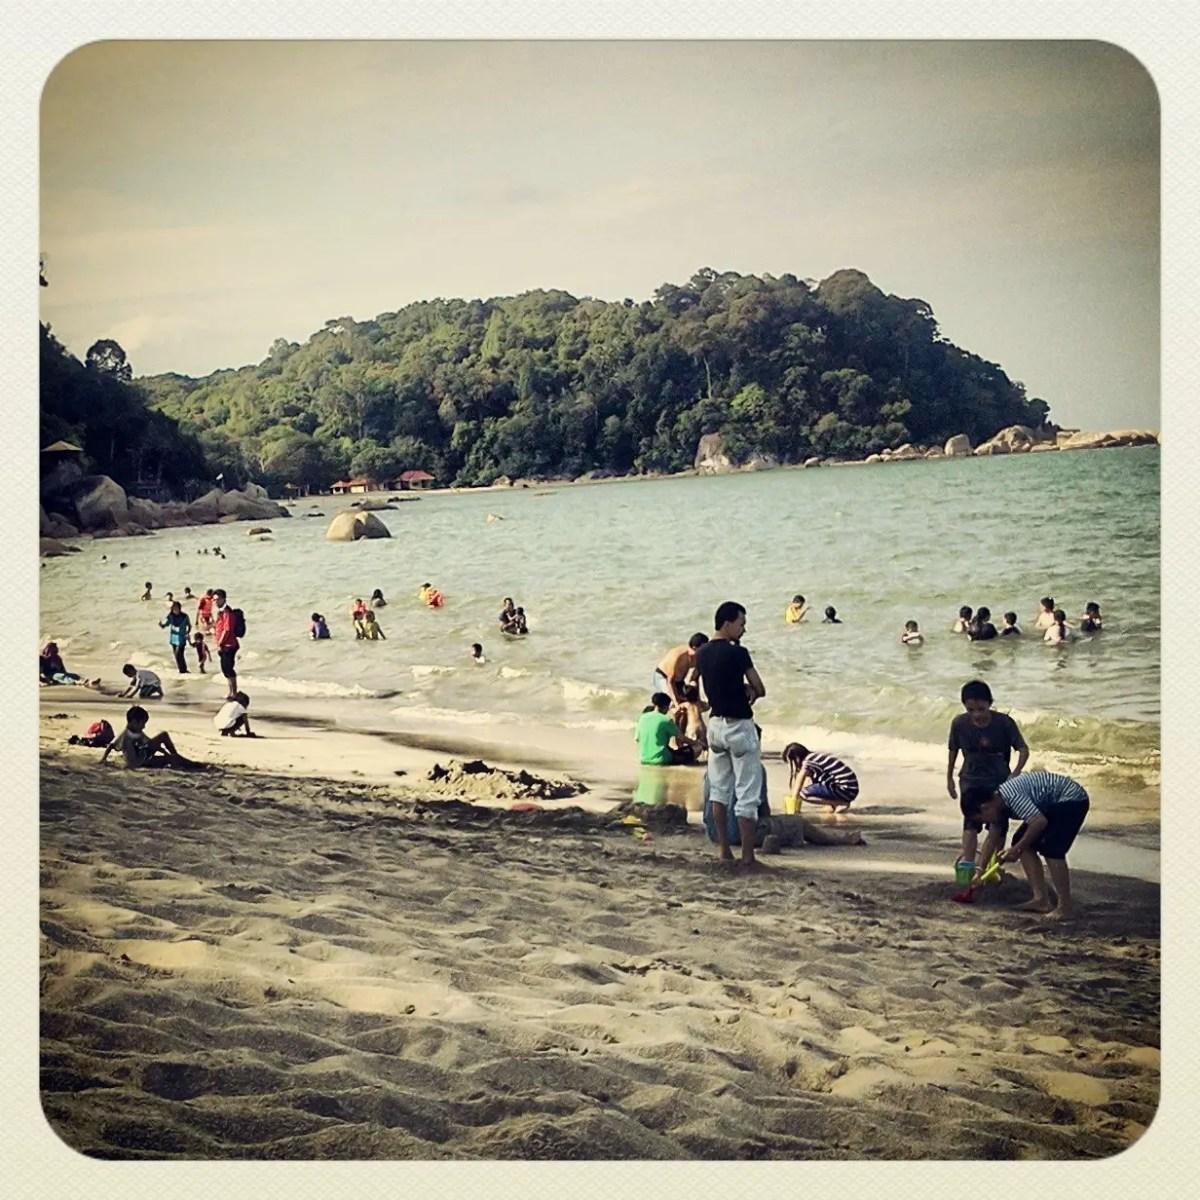 Pantai Teluk Chempedak